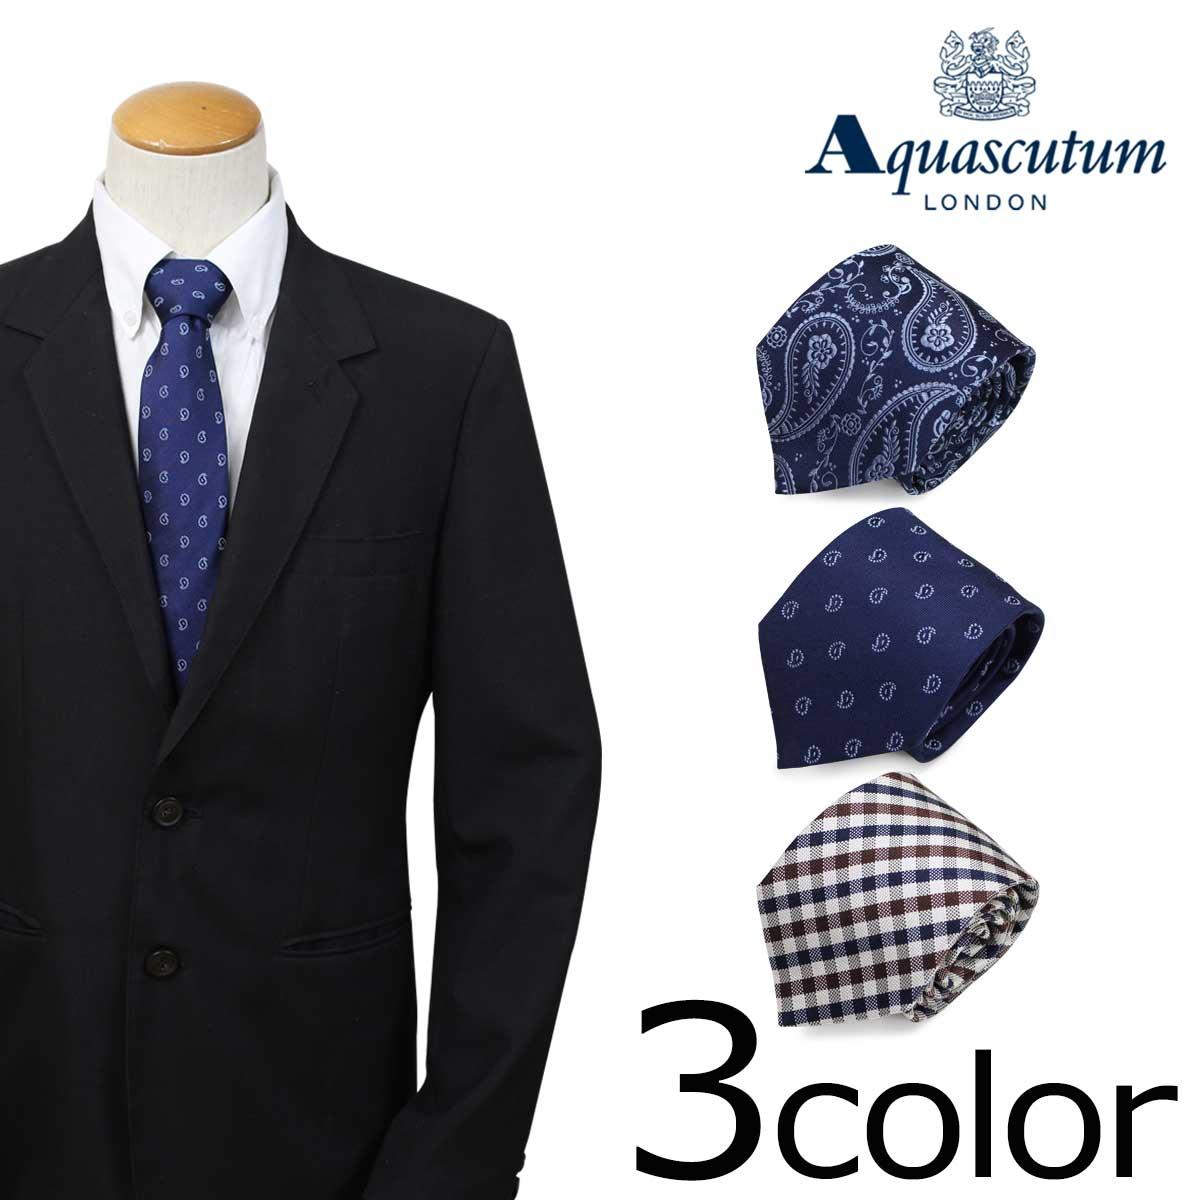 アクアスキュータム AQUASCUTUM ネクタイ イタリア製 シルク ビジネス 結婚式 メンズ [4/3 追加入荷]